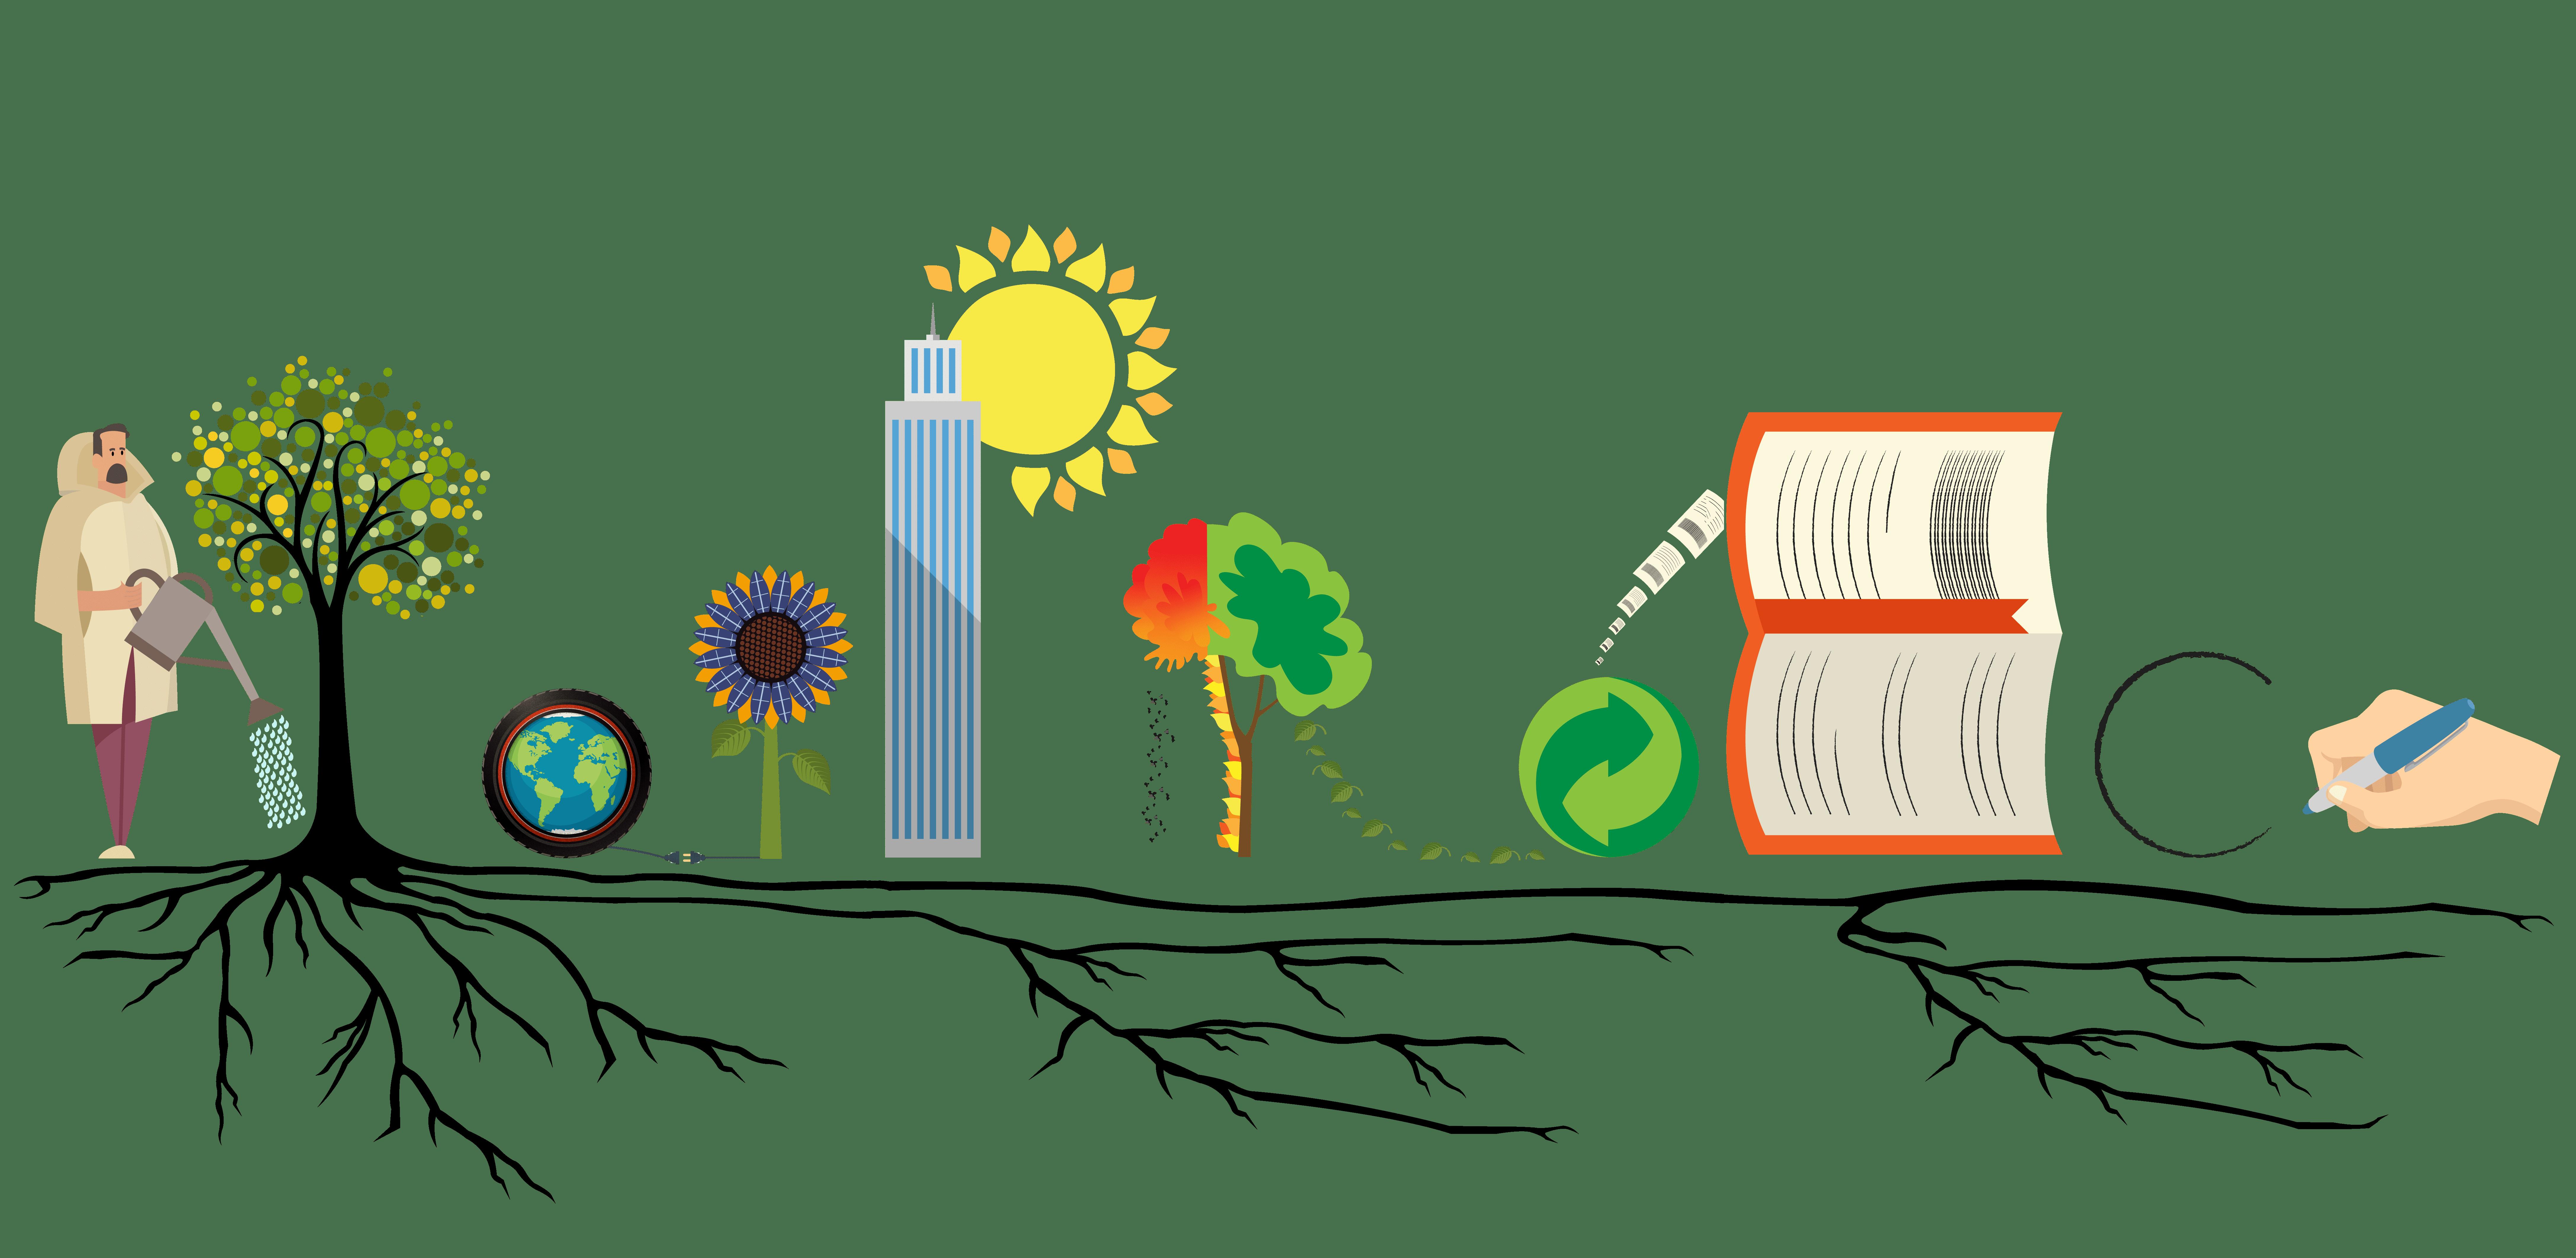 storia del blog sull'economia circolare